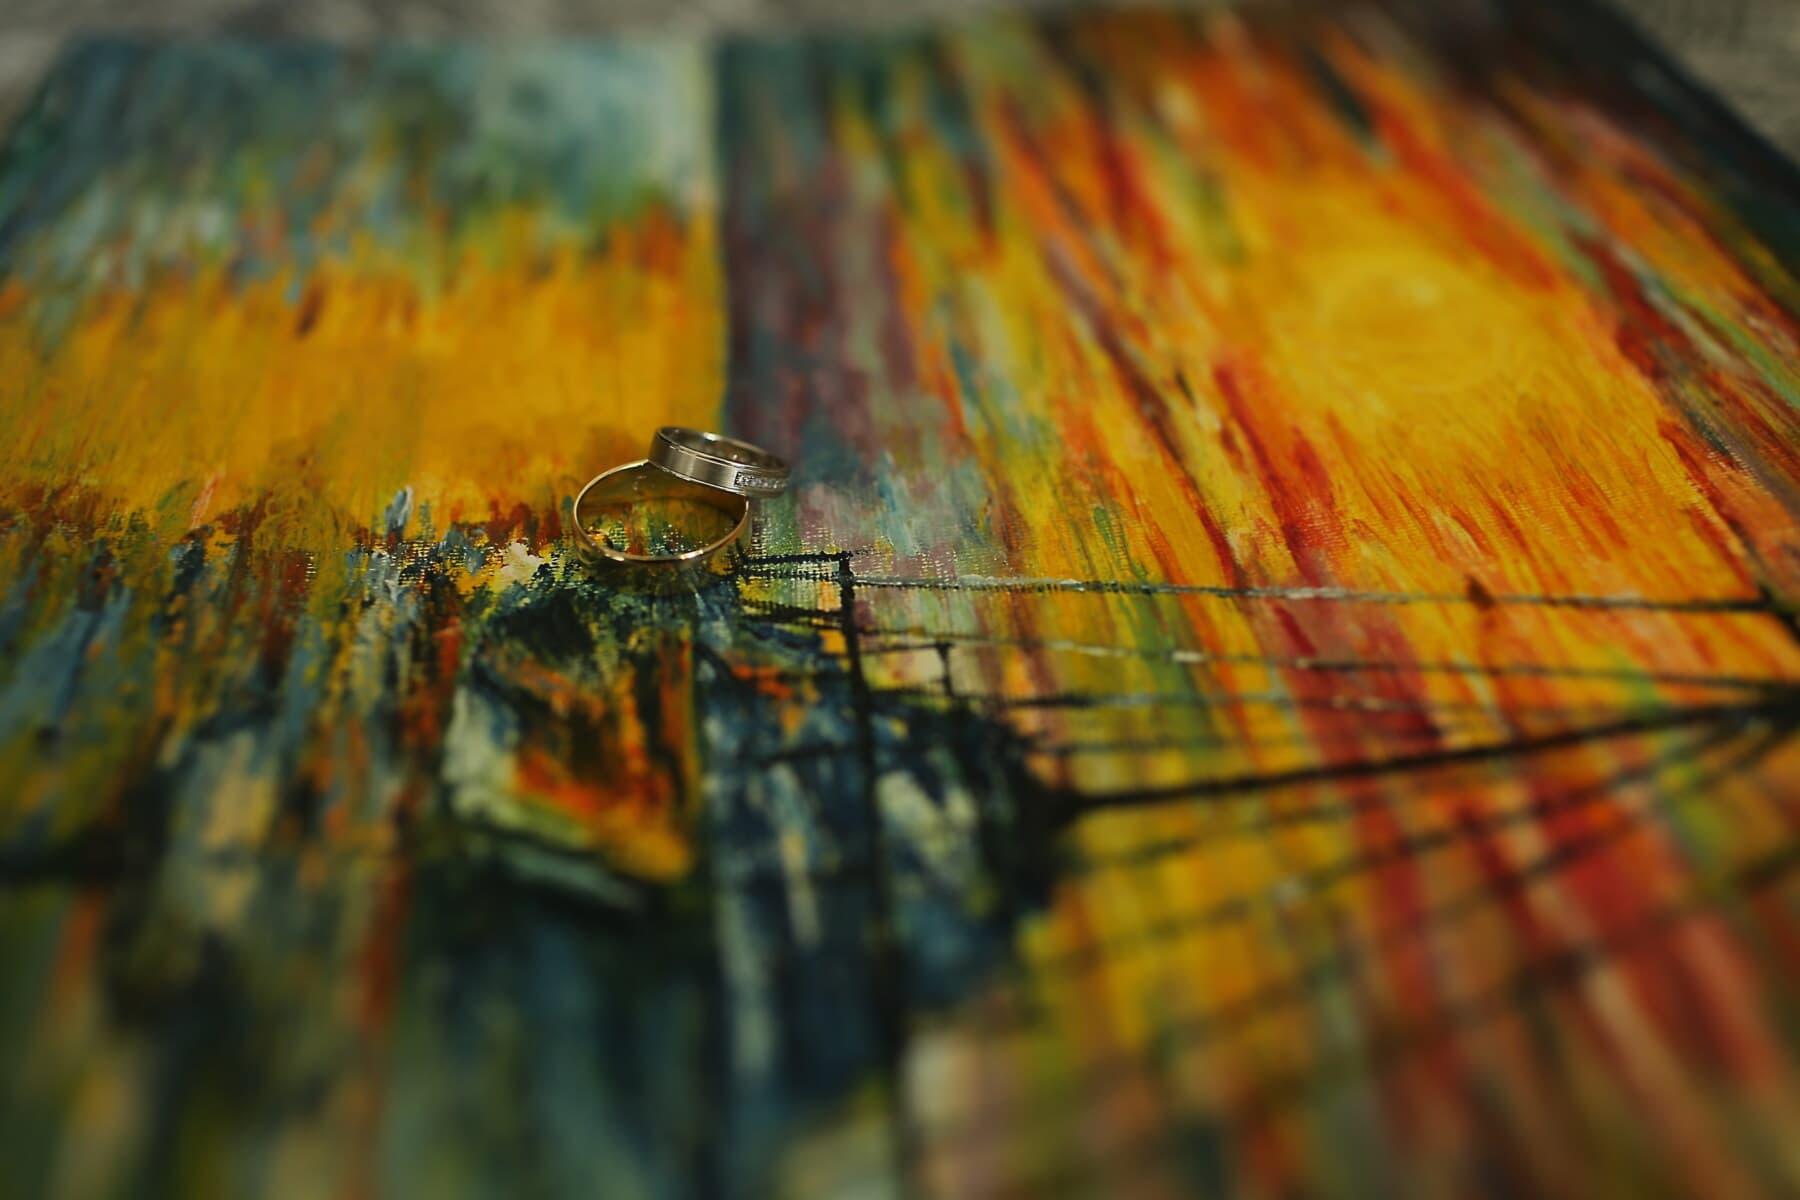 goldener Glanz, Ringe, Leinwand, Bildende Kunst, bunte, Kunst, Malerei, abstrakt, Farbe, verwischen